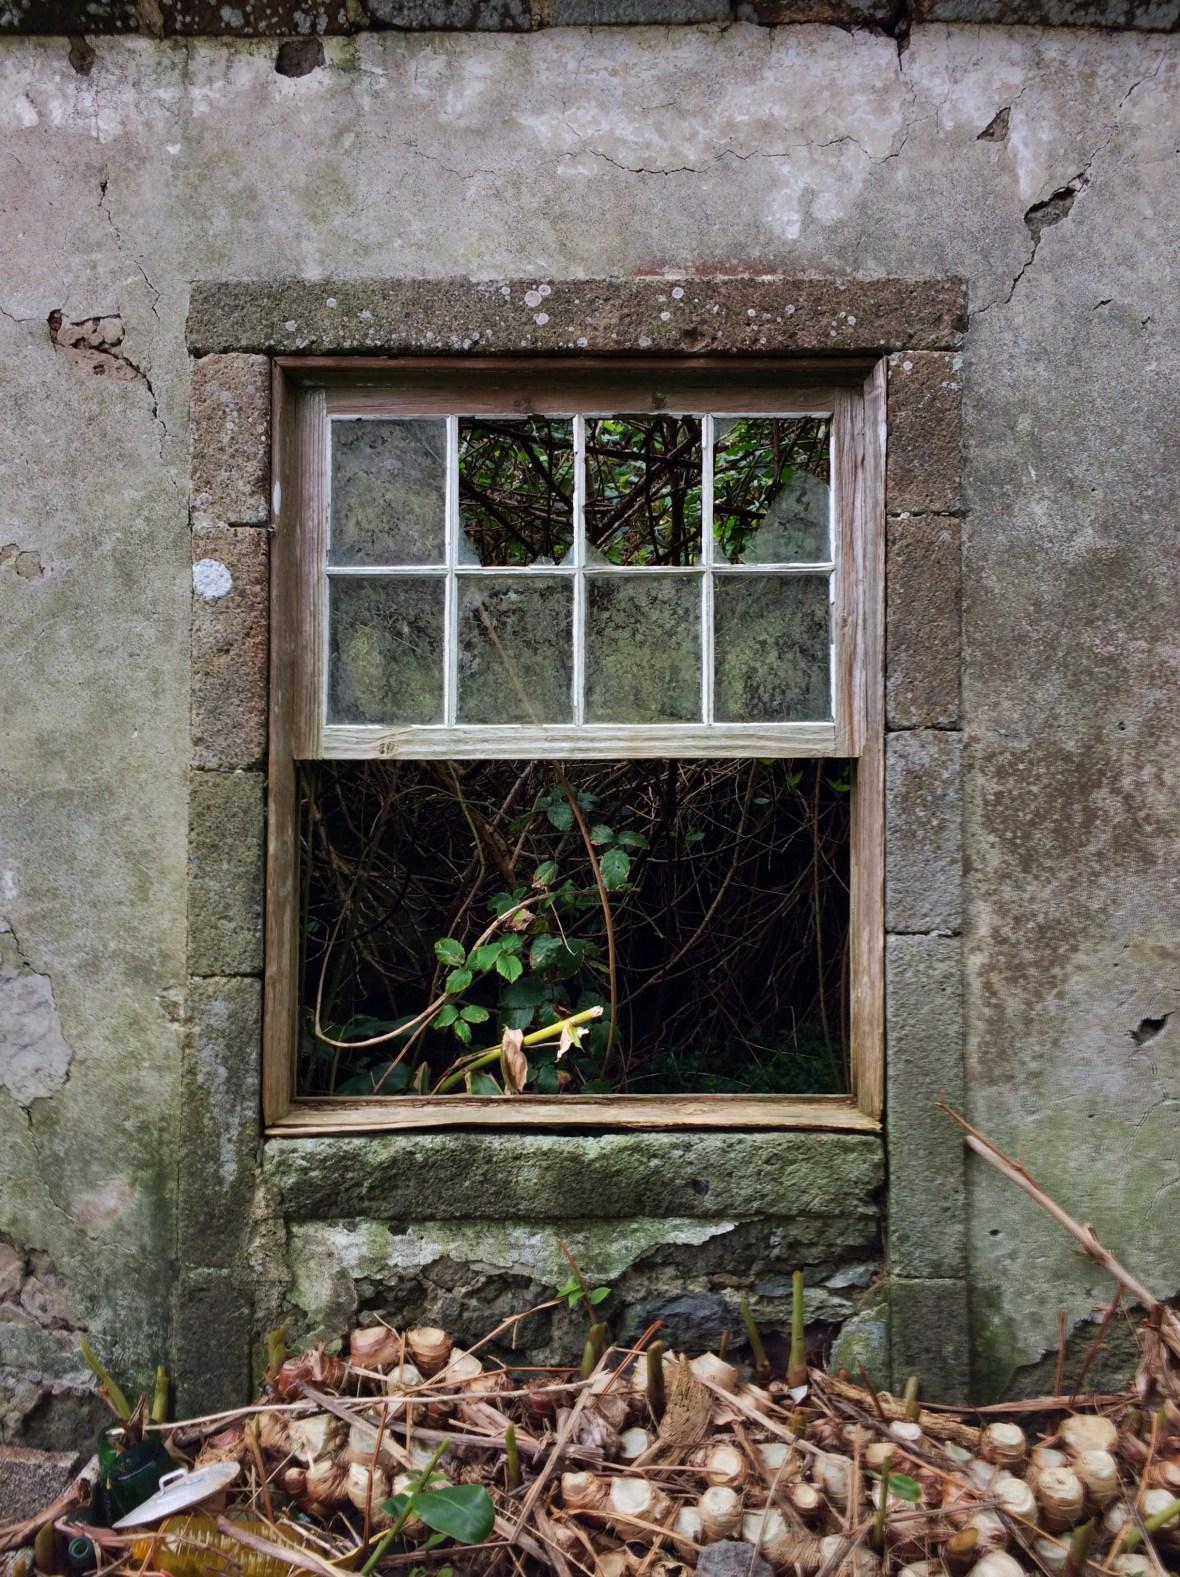 Window of Casa da Ganhoa